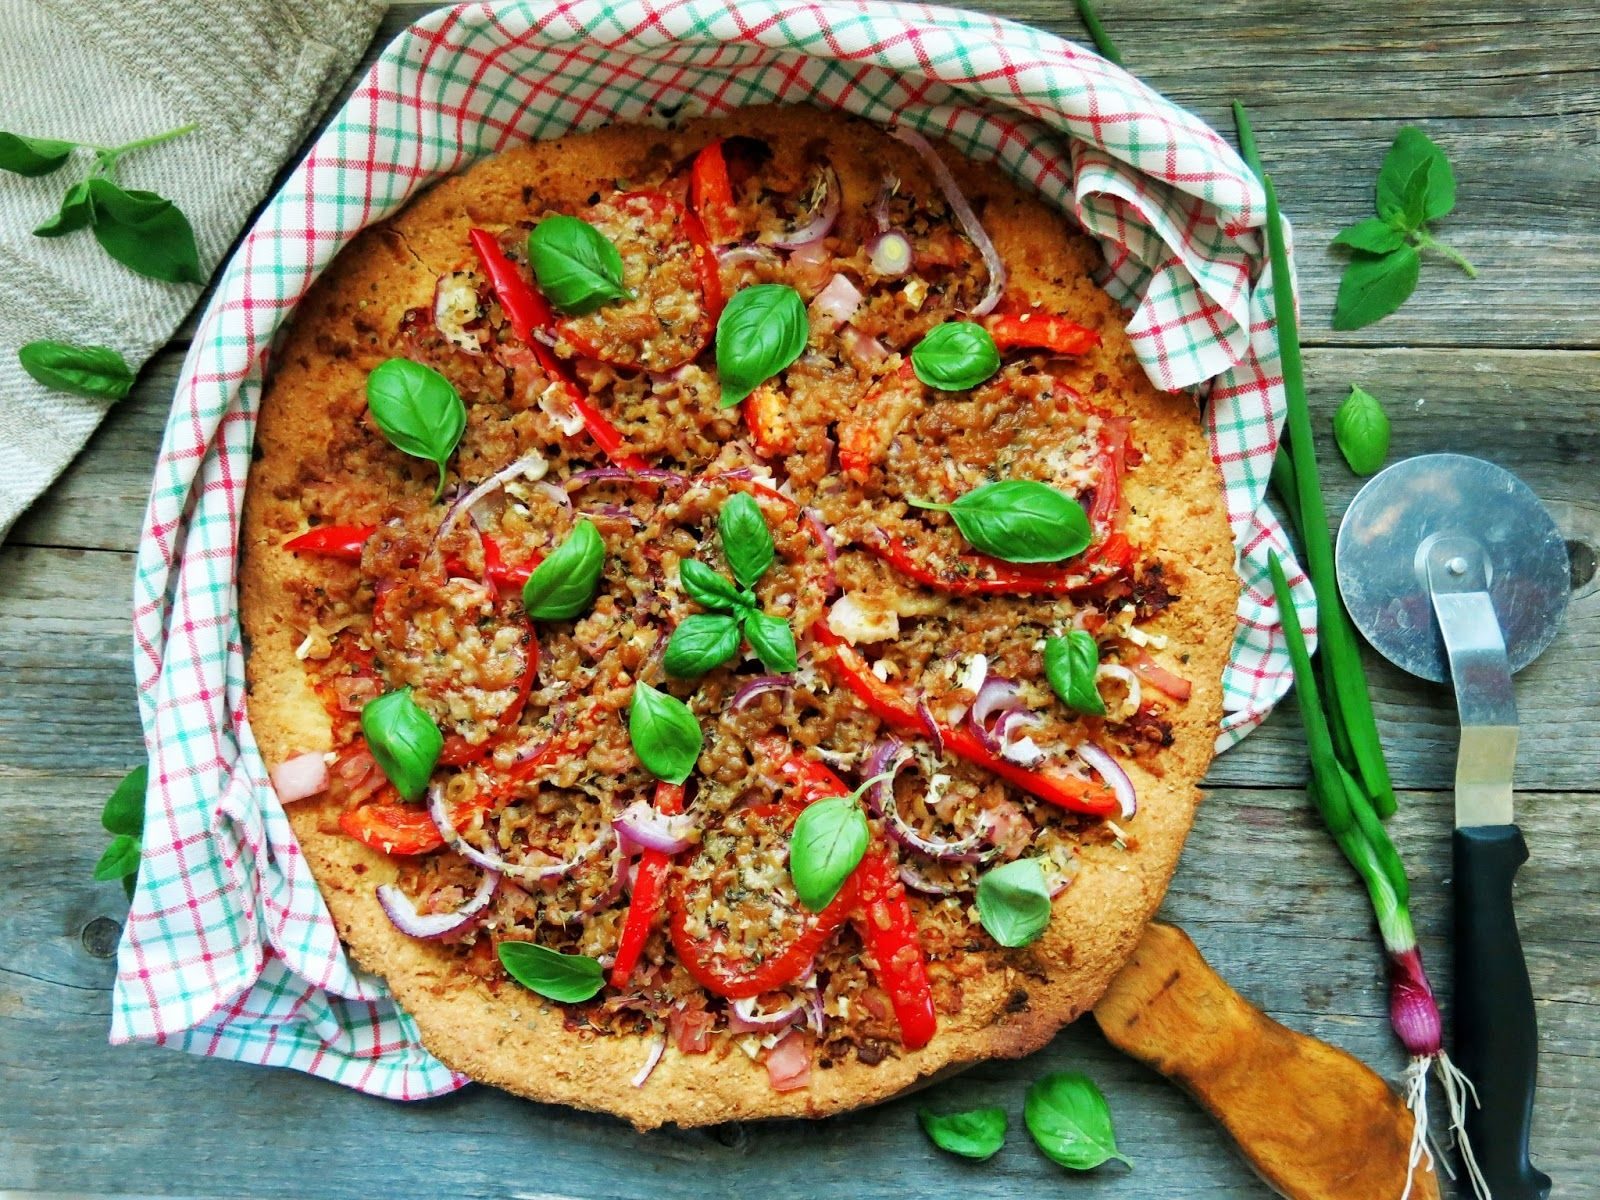 Pohja: 2,5dl mantelijauhetta 2rkl kookosjauhoa 1tl ksantaania 0,25-0,5tl suolaa ½tl soodaa 2rkl omenaviinietikkaa 2 isoa munaa 1rkl oliiviöljyä (halutessasi voit maustaa pohjaa esimerkiksi valkosipulilla, yrteillä tms.)  Laita haluamasi täytteet  200C Paista pohjaa noin 7-10 minuuttia ja ota pohja pois uunista. Täytä pizza haluamasi täytteillä ja raasta pinnalle esimerkiksi vegaanista parmesaania. Paista pohjaa vielä noin 8-10min